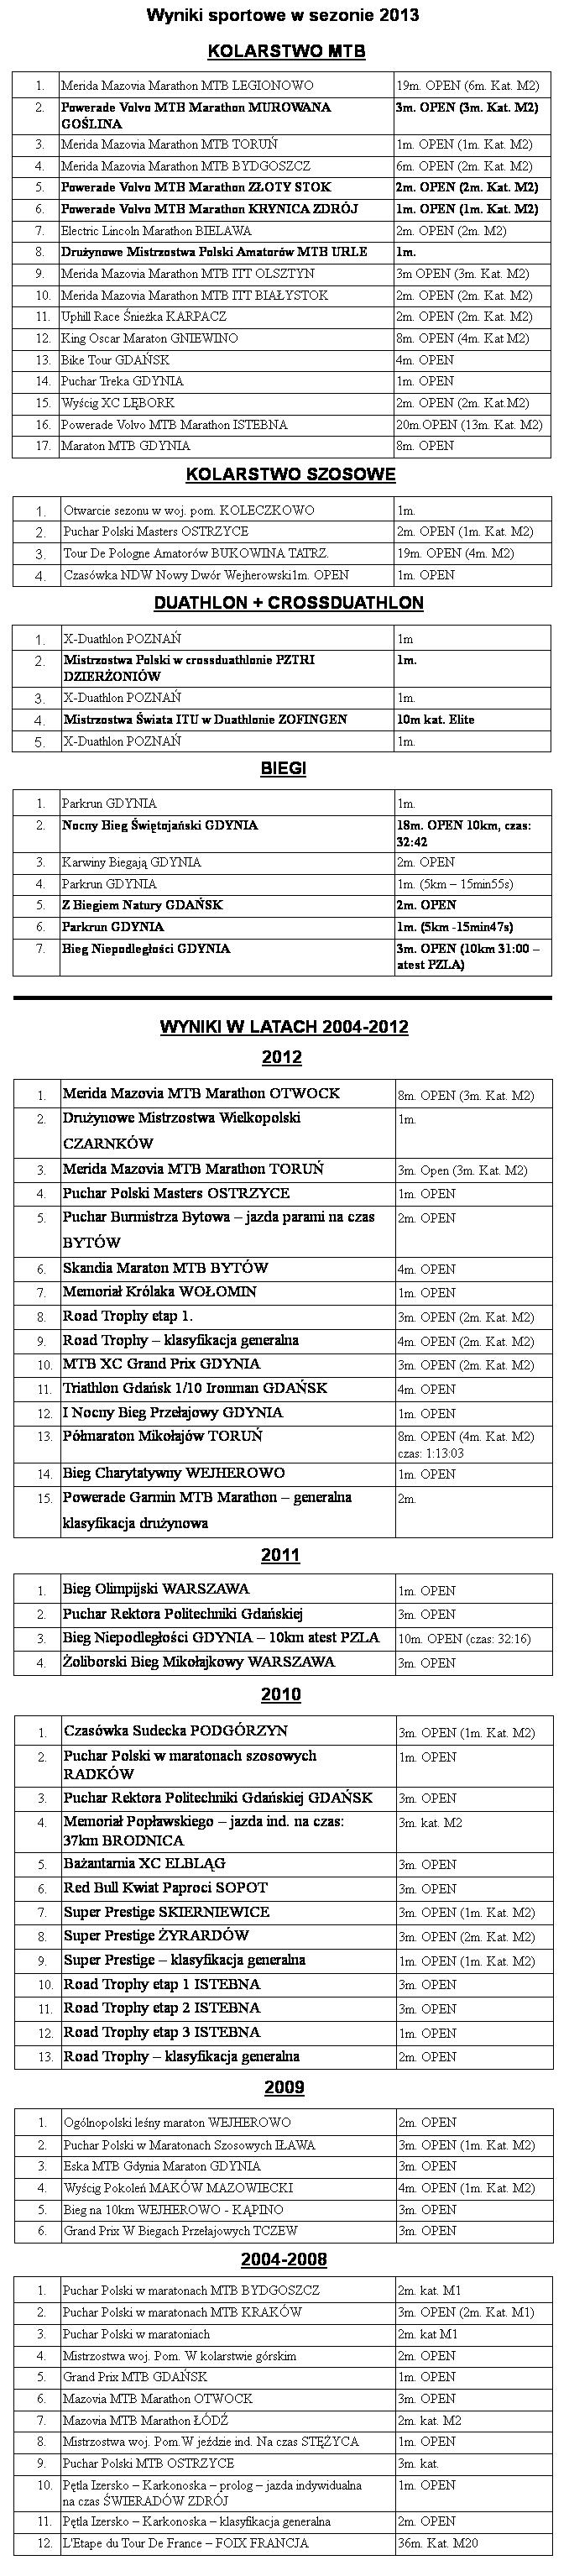 wyniki do 2013